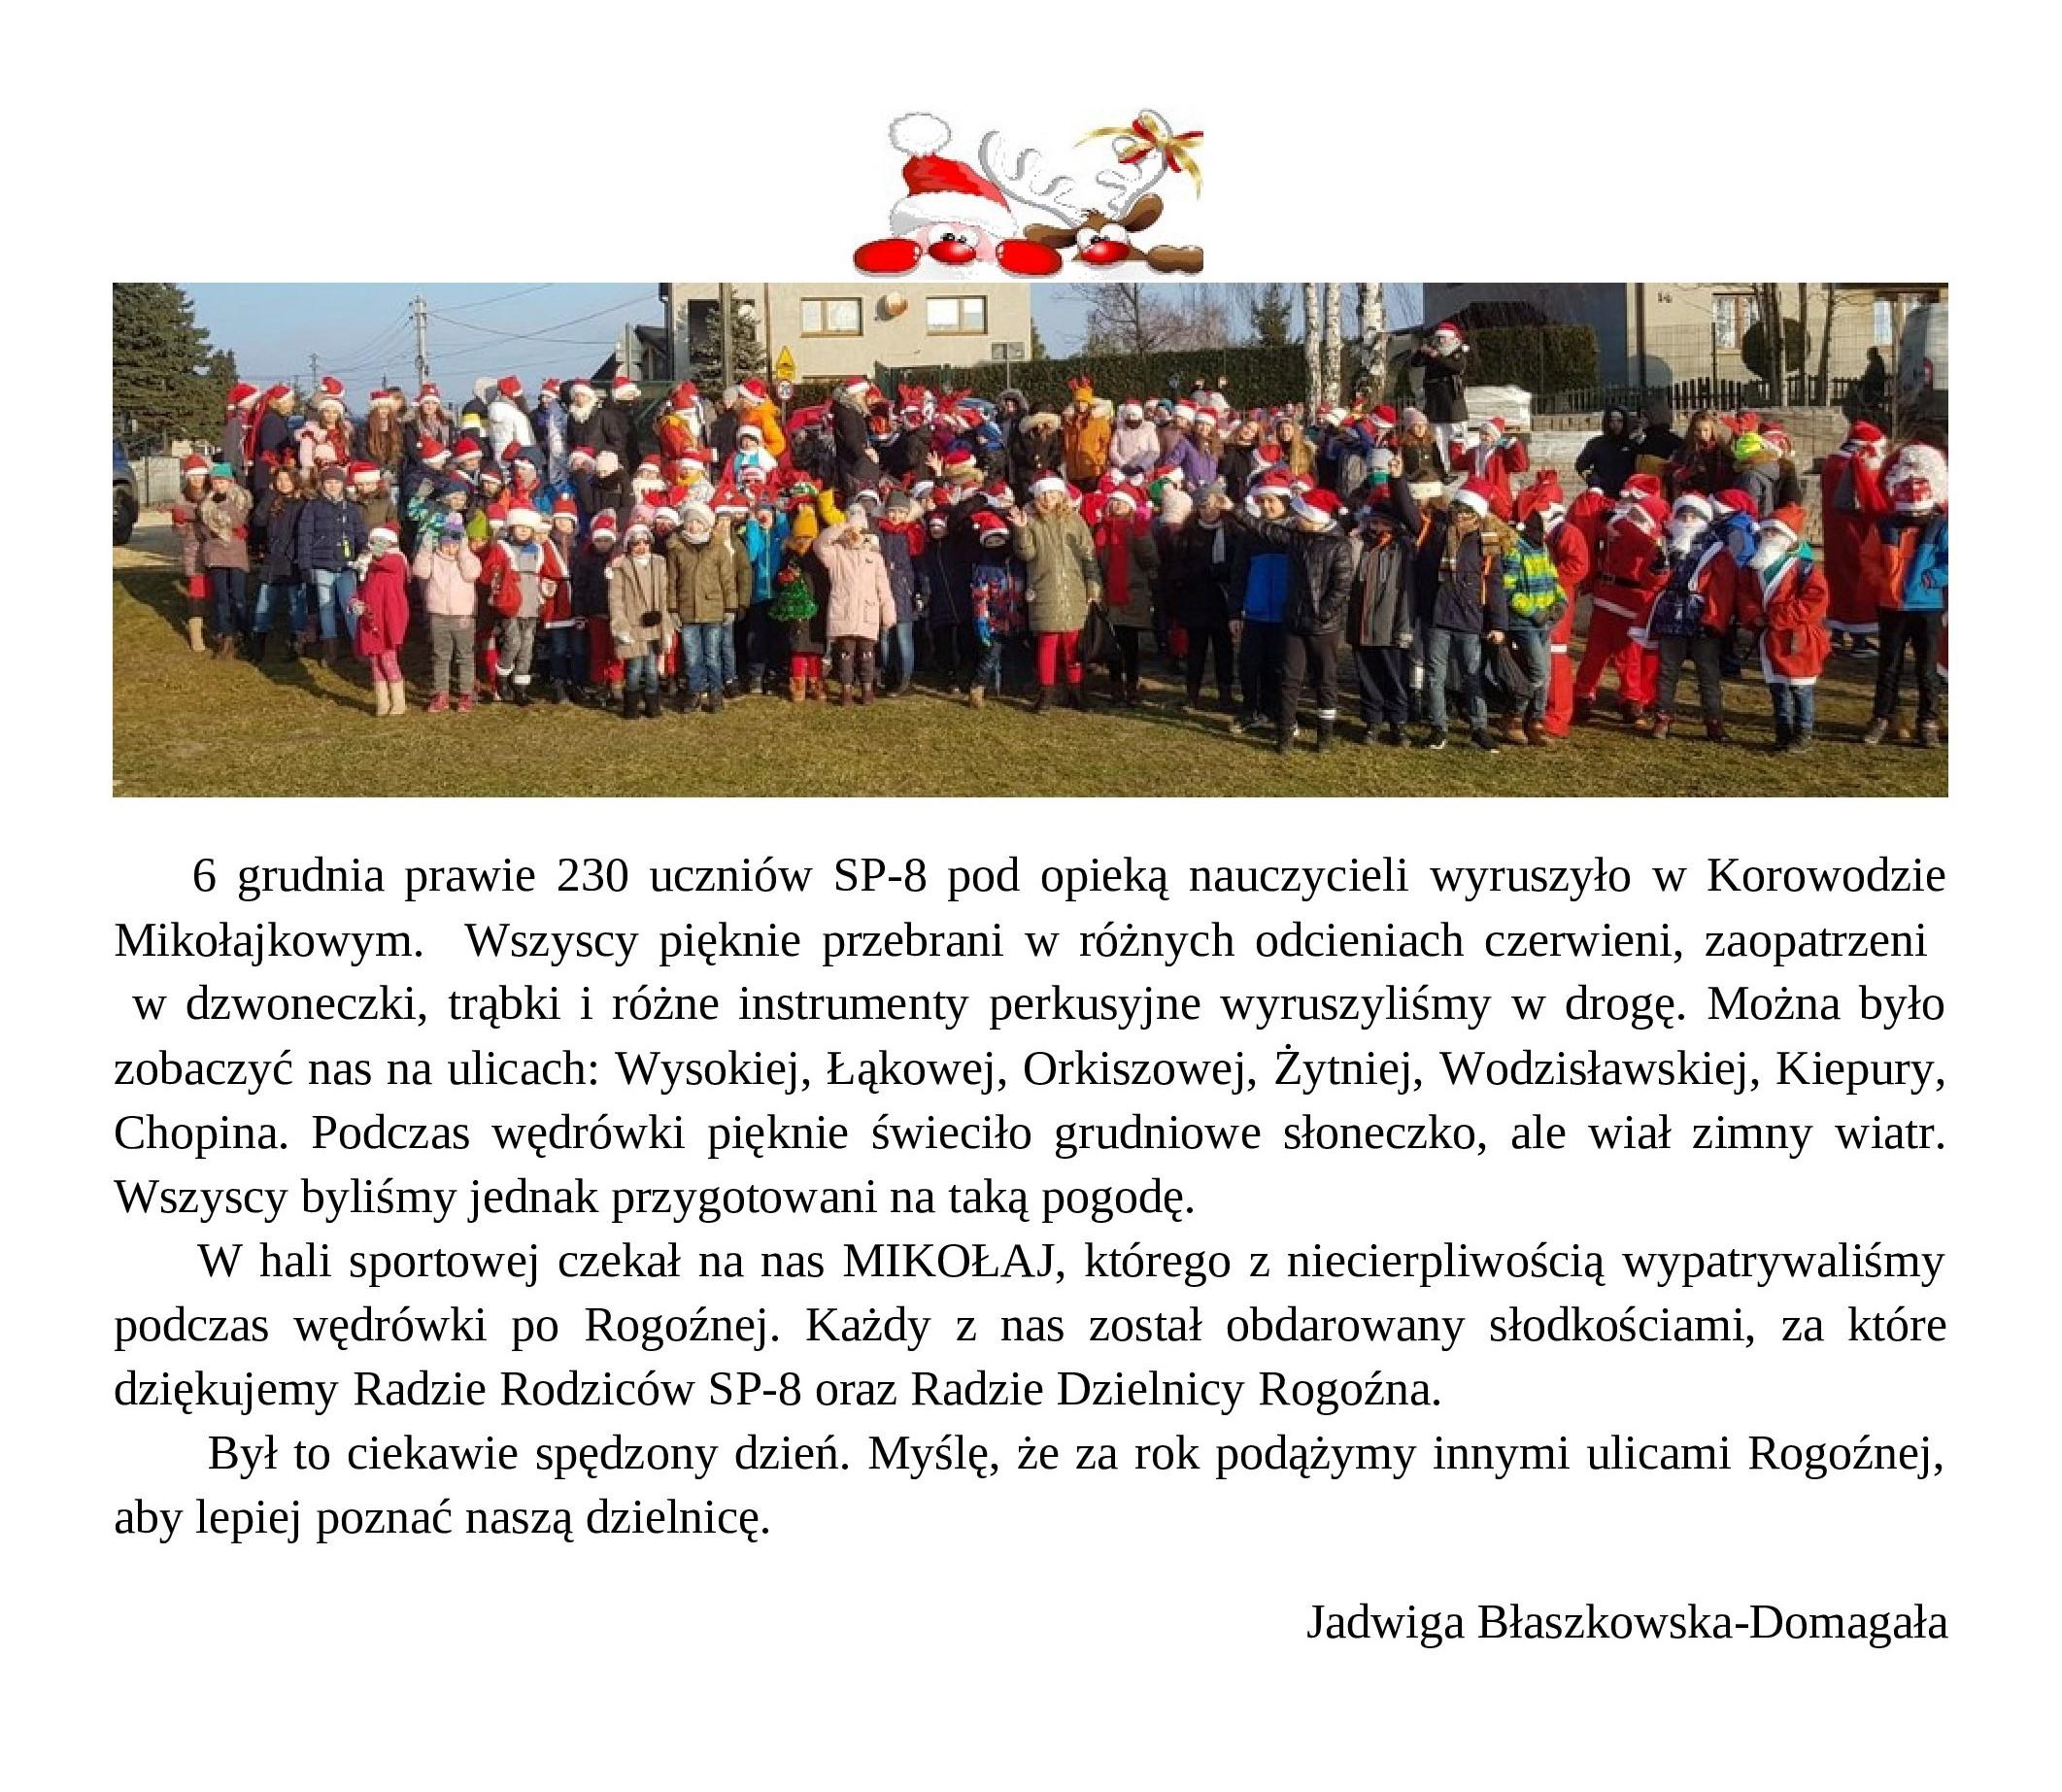 I-Rogojski-Korowd-Mikoajkowy (1)